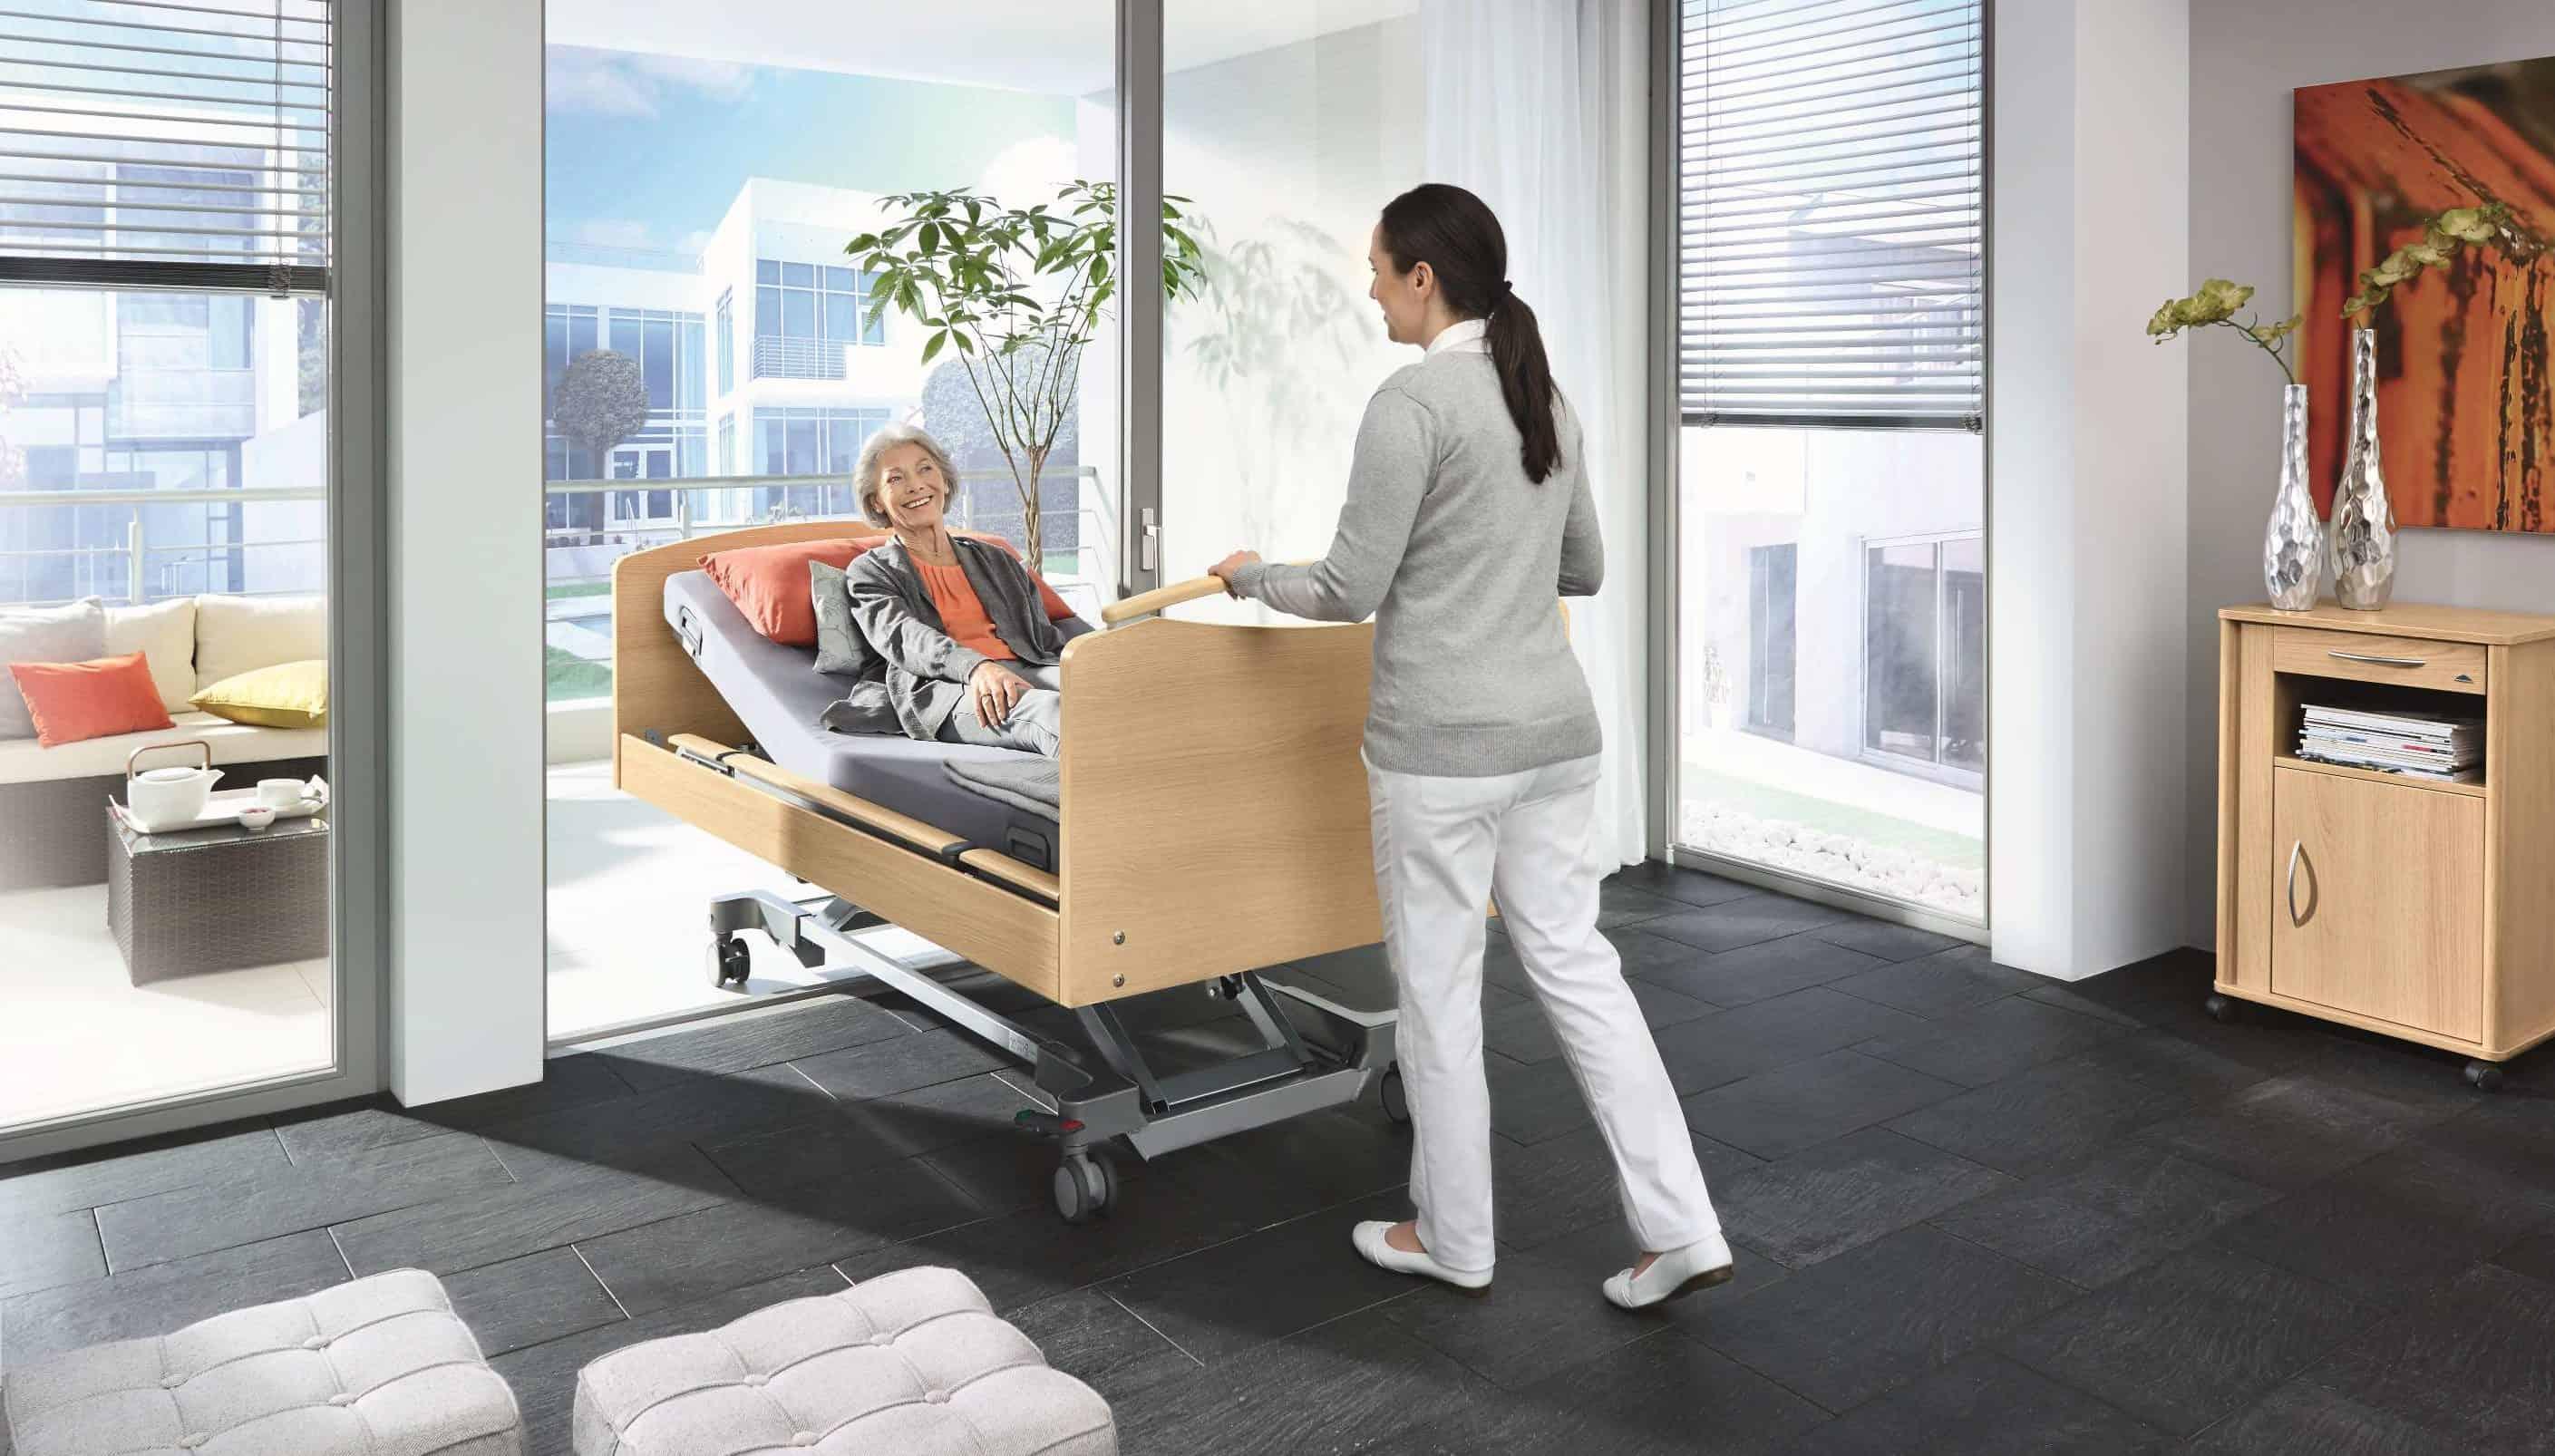 """Das Pflegebett Venta in der Modellvariante """"movo"""" lässt sich besonders gut von einem Ort zum ande-ren fahren. - Foto: Stiegelmeyer"""